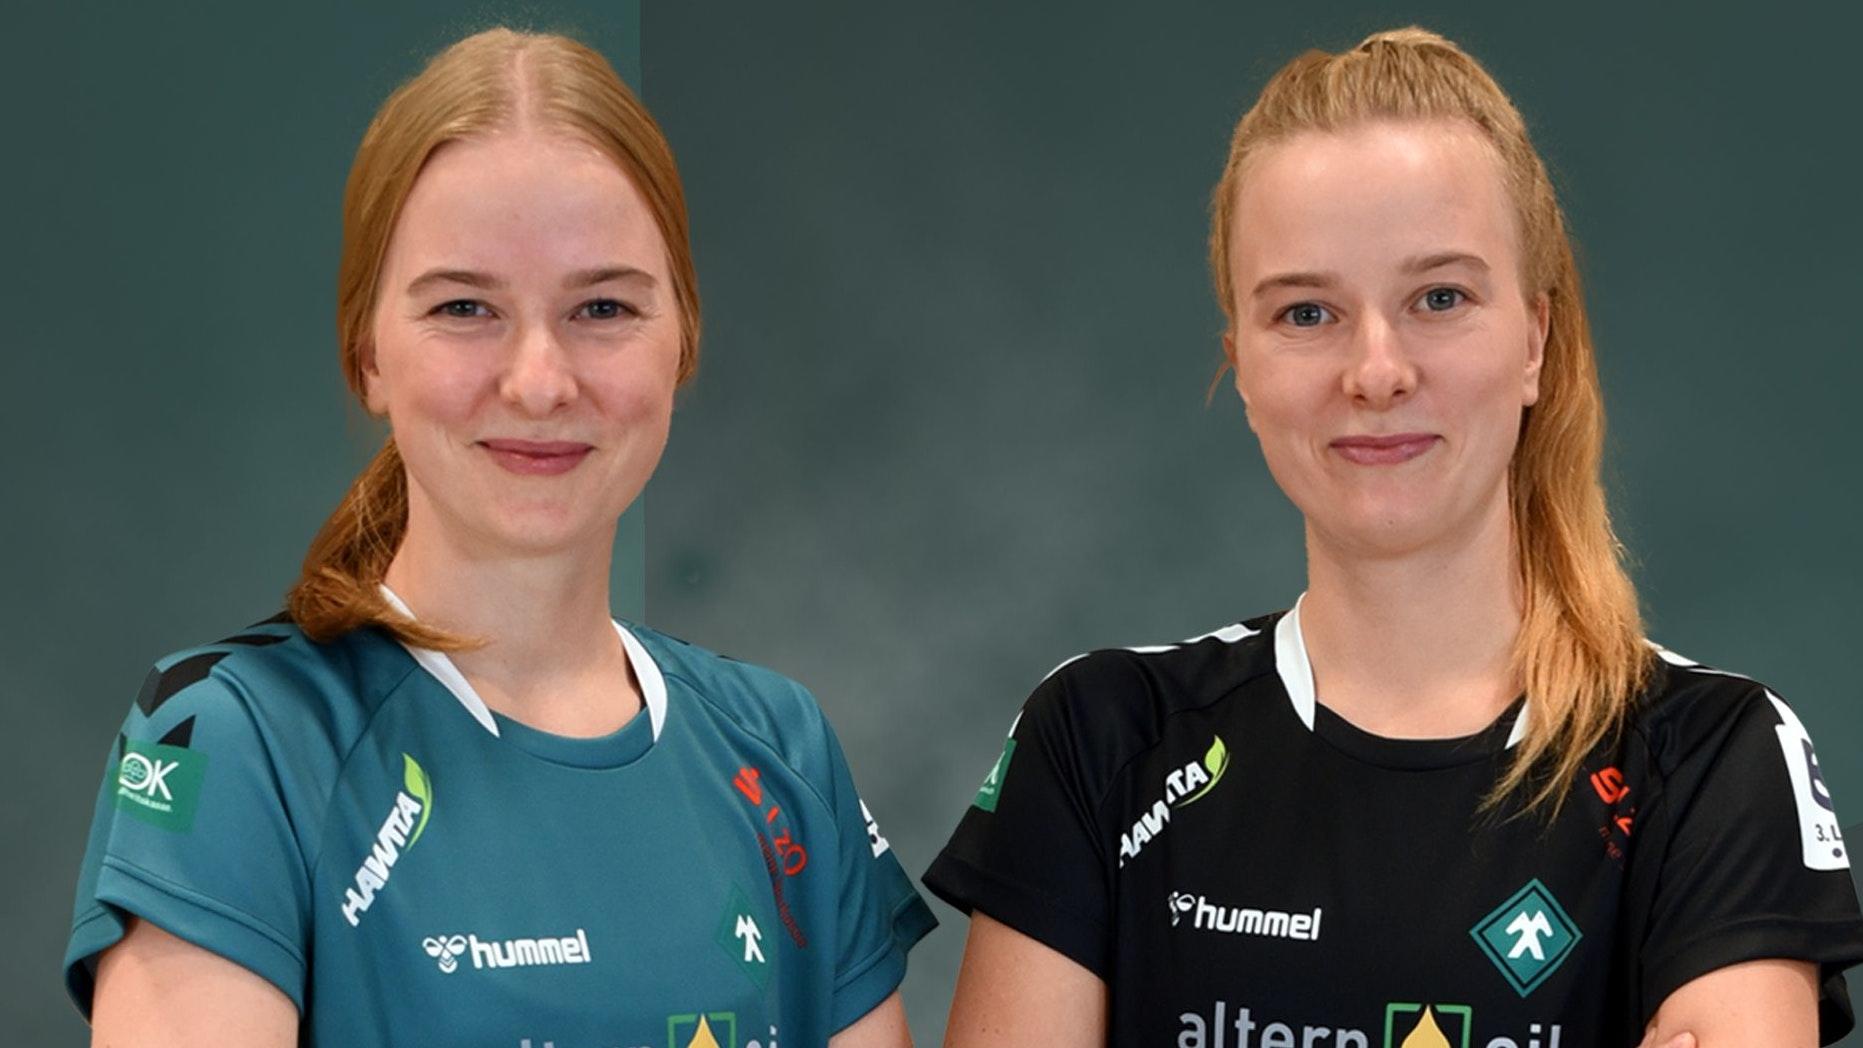 Seit 2015 im SFN-Trikot: Jane (links) und Nele Müller. Fotos: Müller